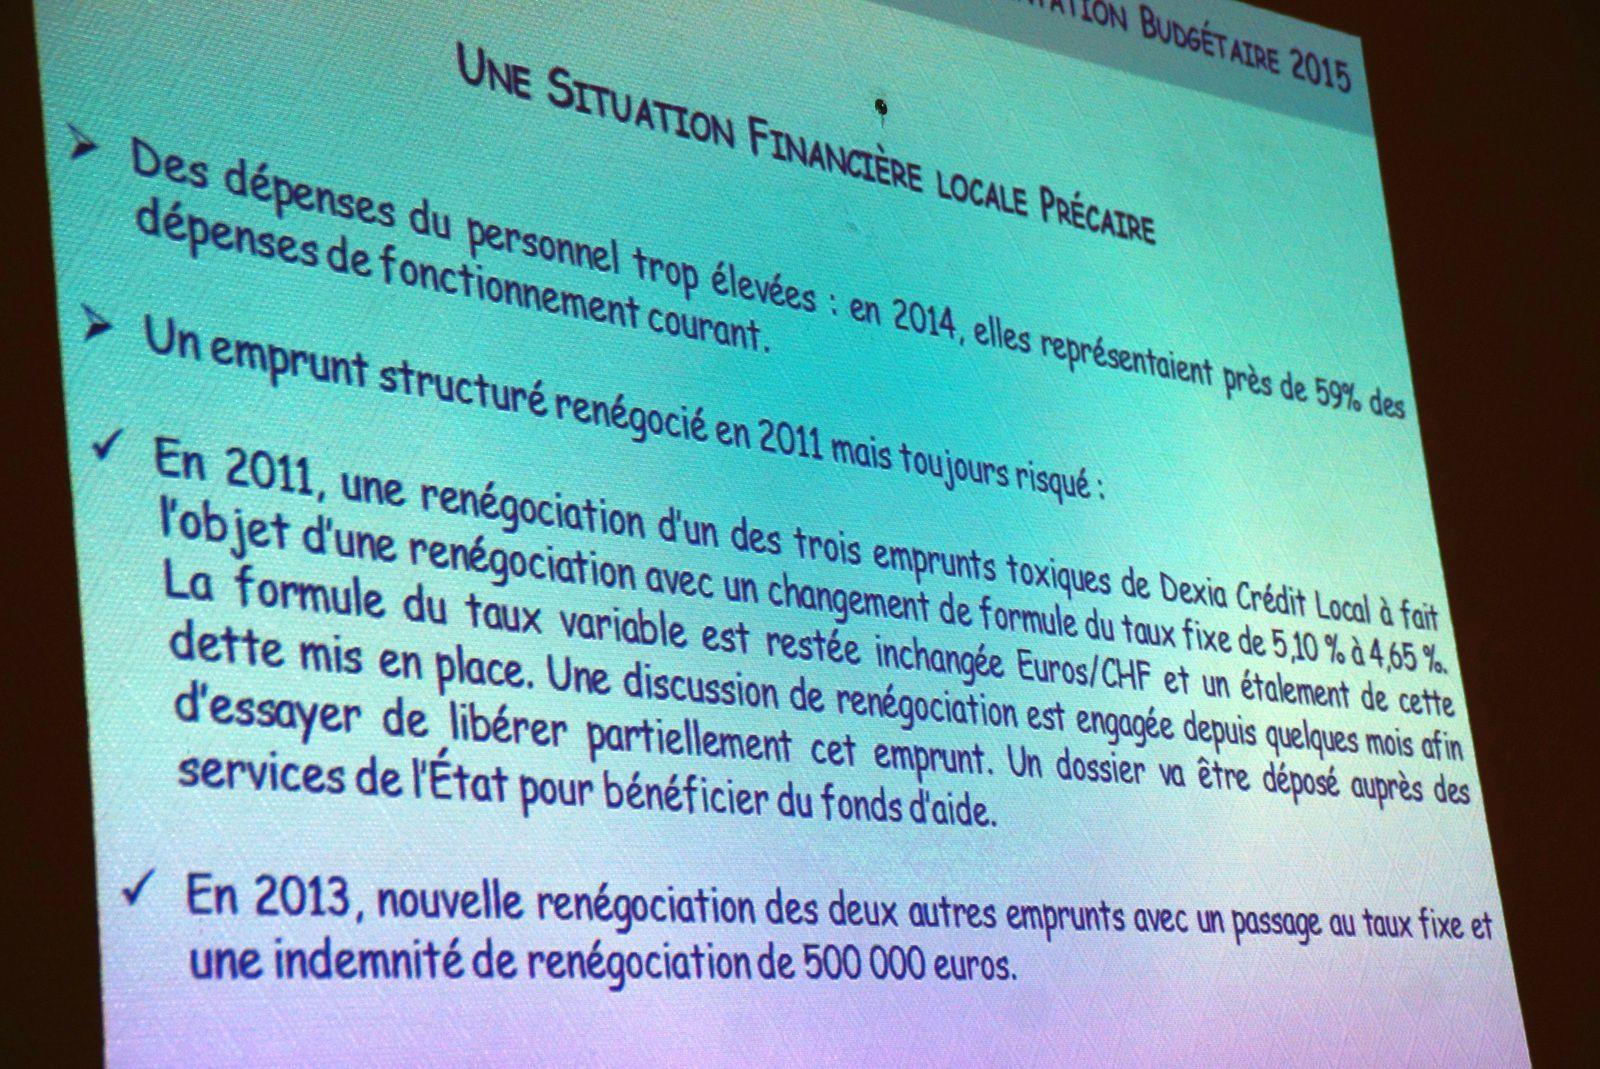 Situation des comptes administratifs de Carrières-sous-Poissy